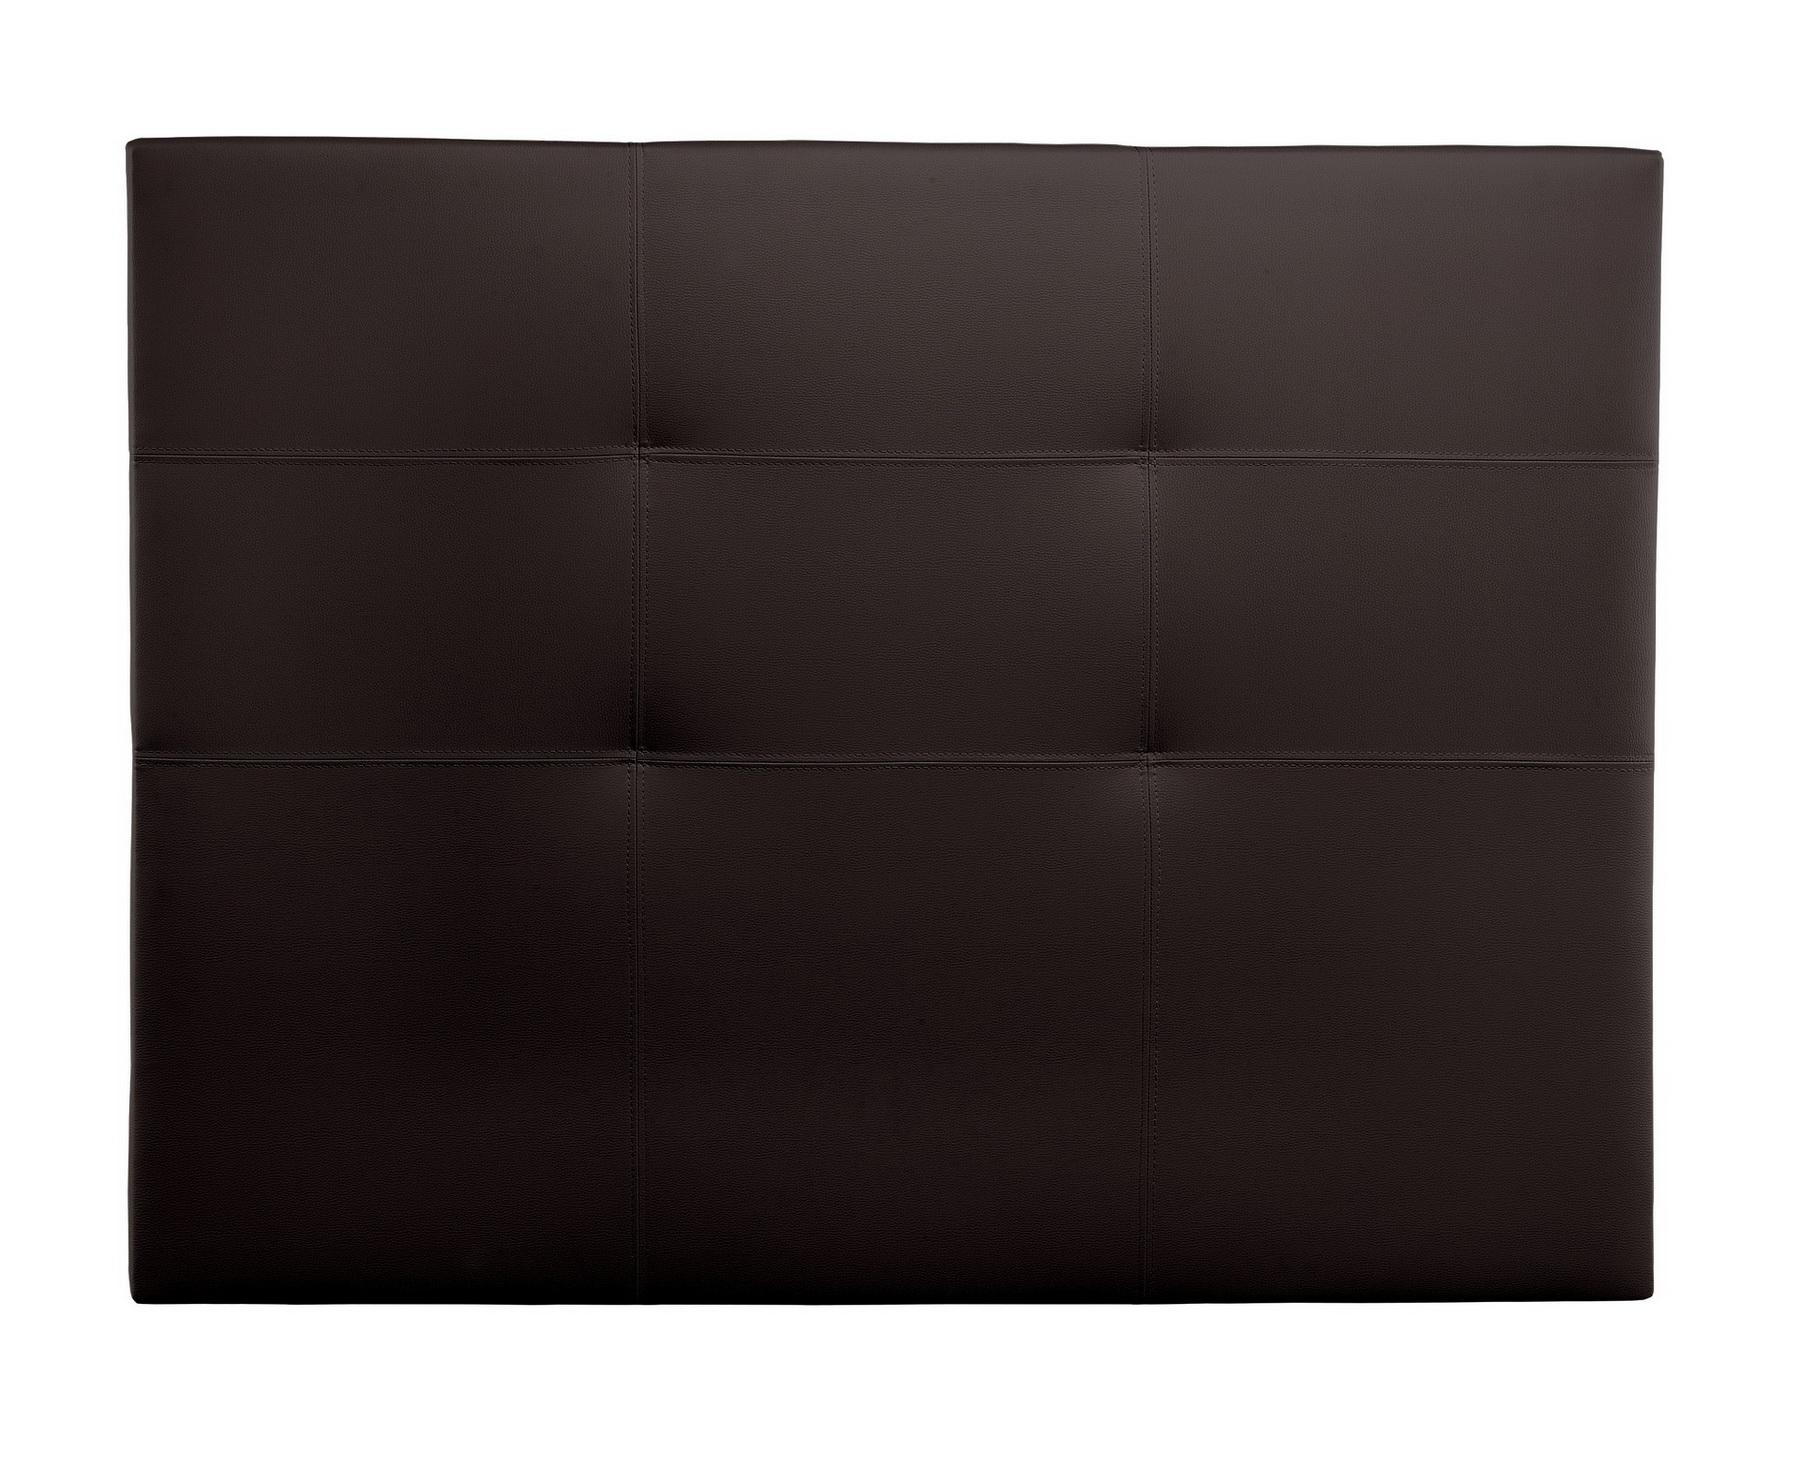 Cabecero Tapizado polipiel Tokio marron chocolate by Relax en muebles antoñán® León